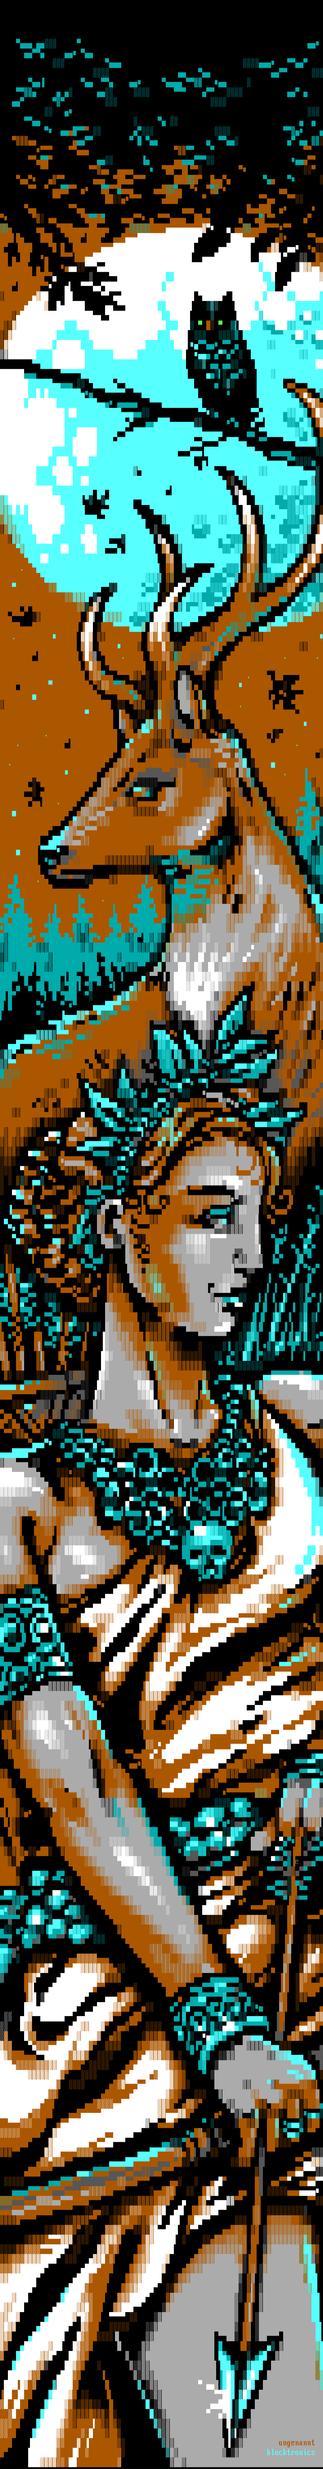 Artemis by ungenannt